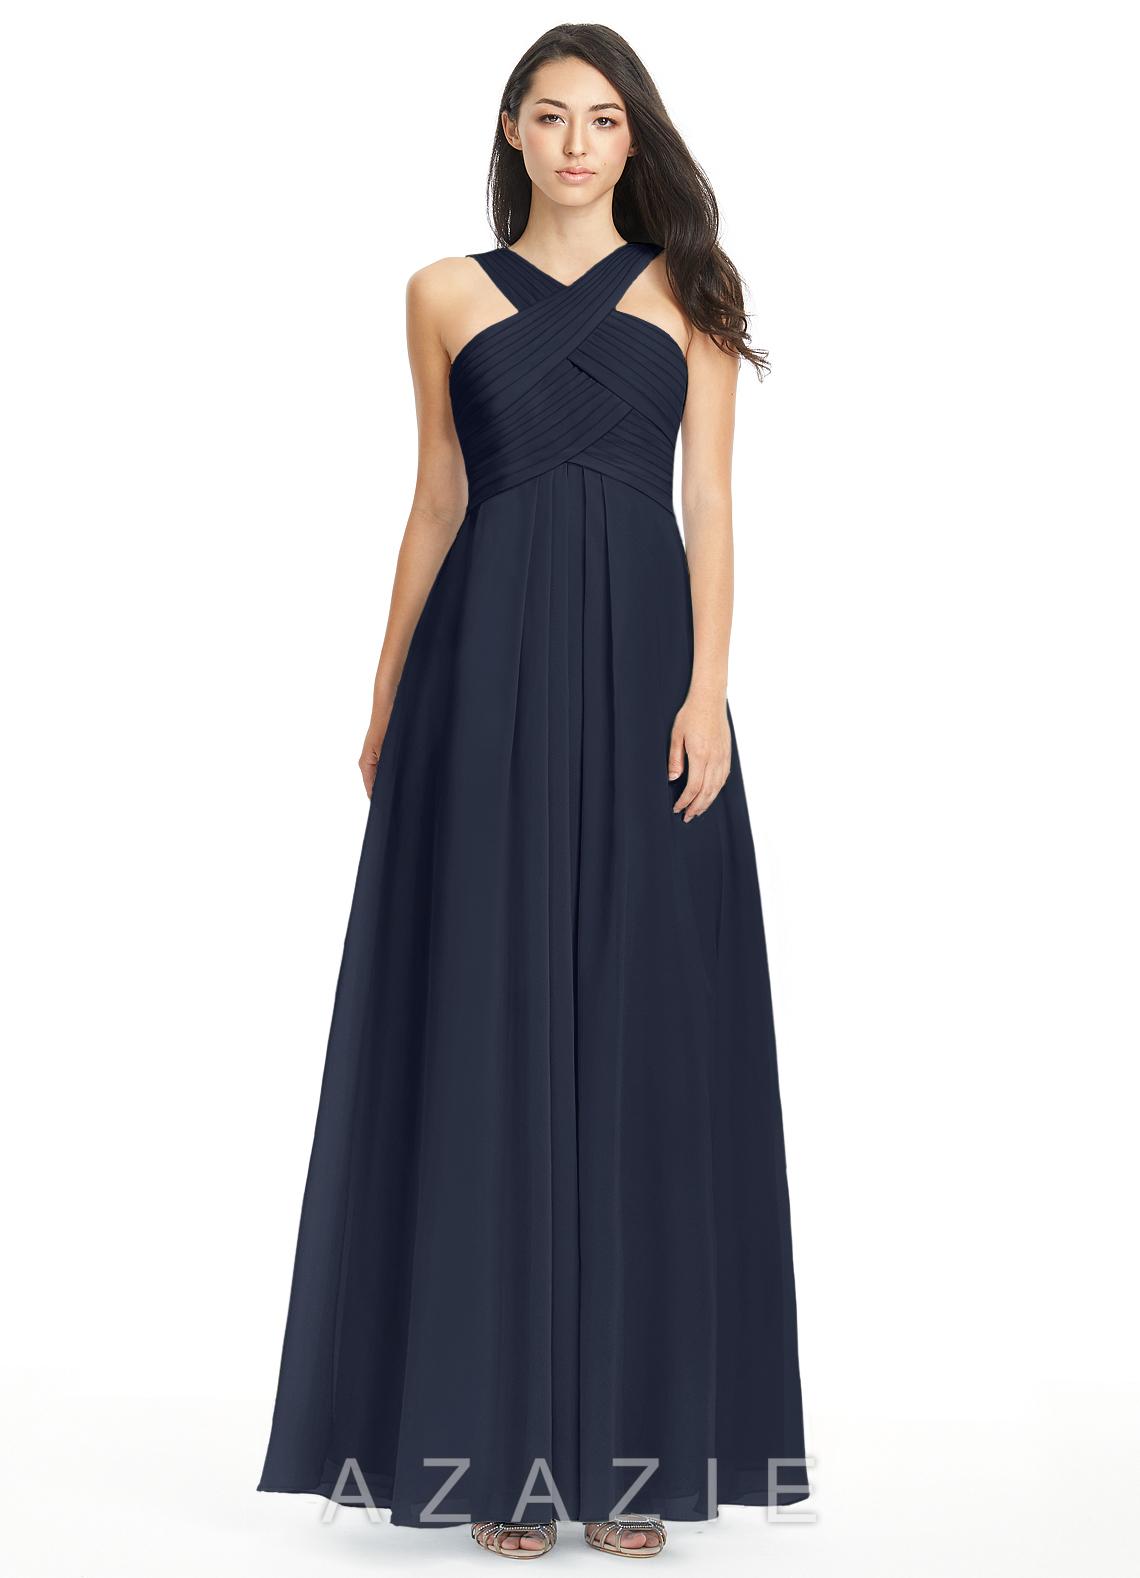 Dark navy bridesmaid dresses dark navy gowns azazie azazie kaleigh azazie kaleigh ombrellifo Gallery